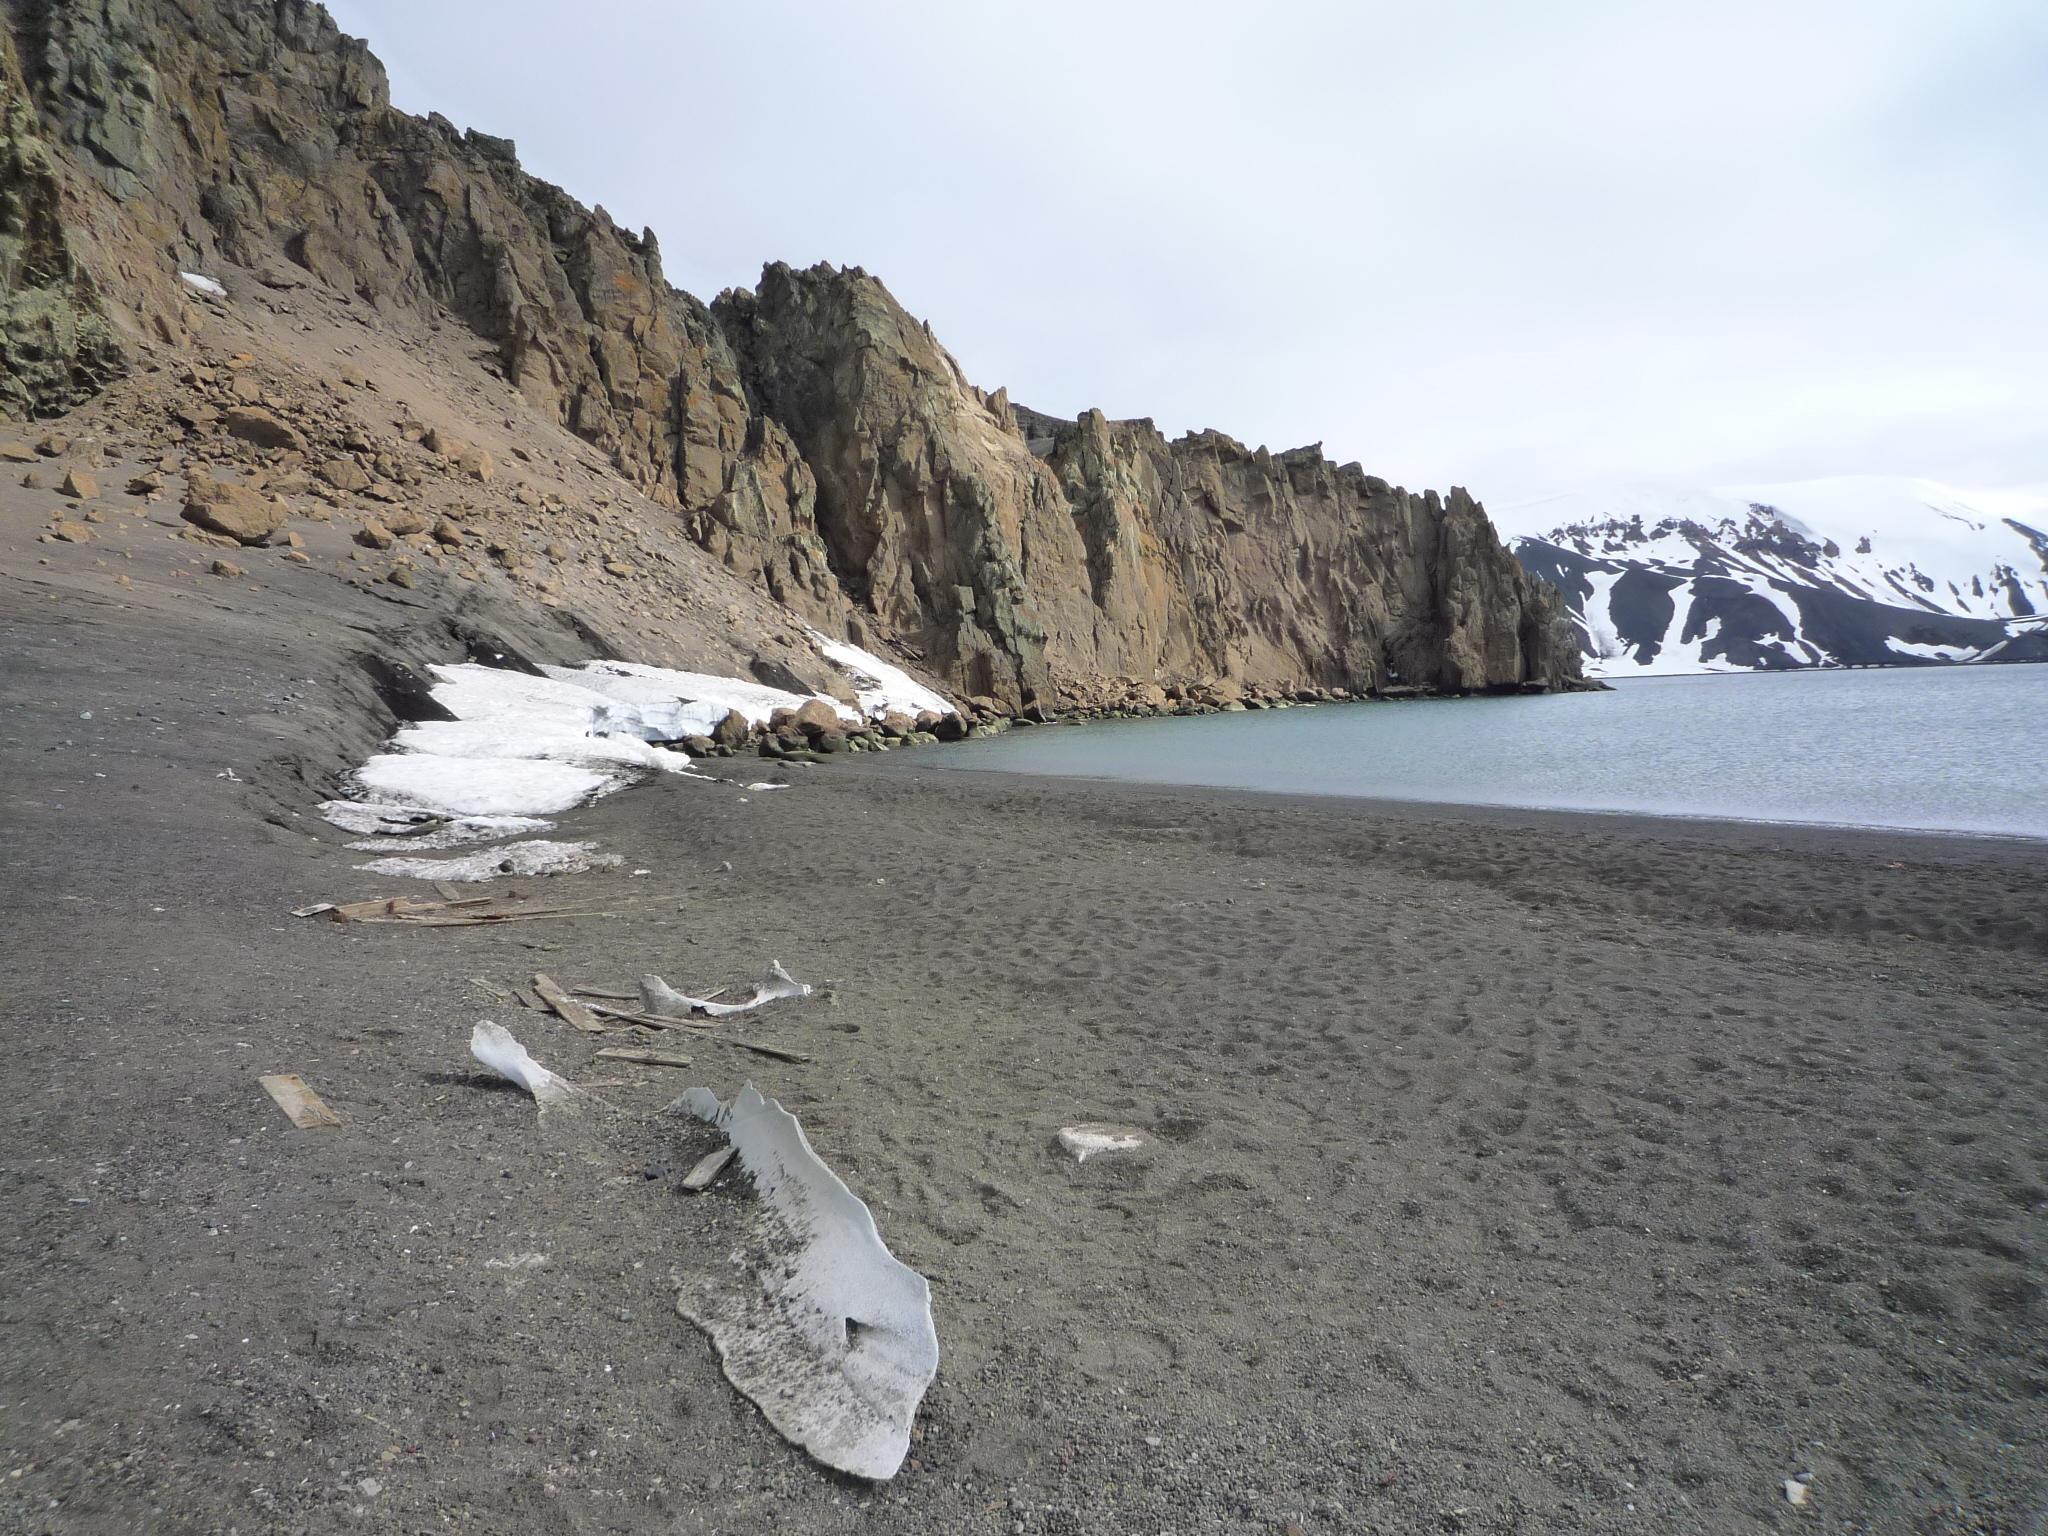 Man blickt nach links an einem Strand in der Antarktis entlang. Es türmen sich kliffartige Felsen auf. Weit im Hintergrund schneebedeckte Berge.